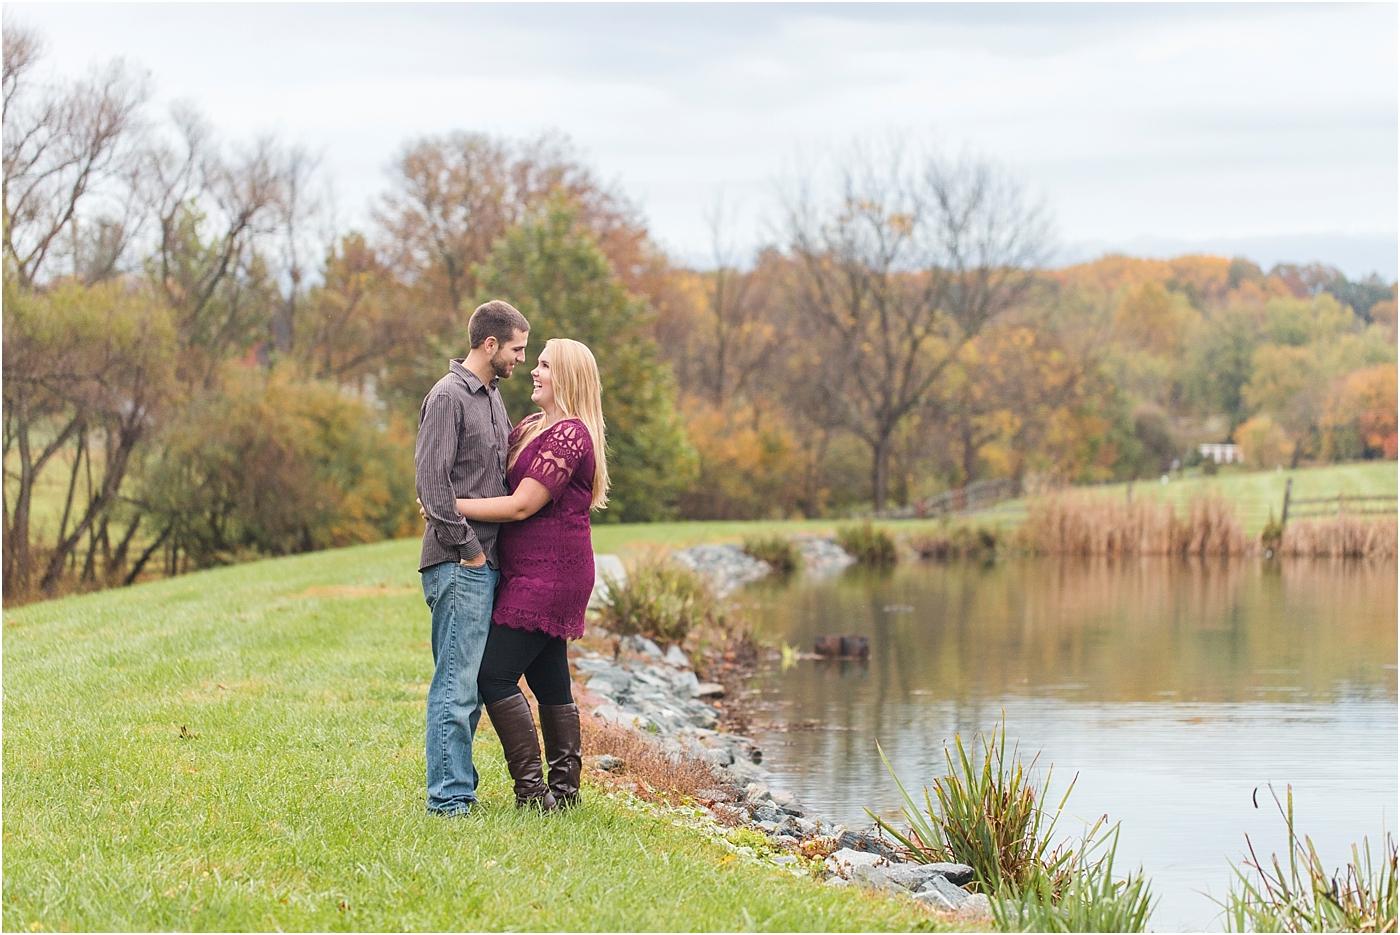 Maryland-Engagement-Photographer-34.jpg